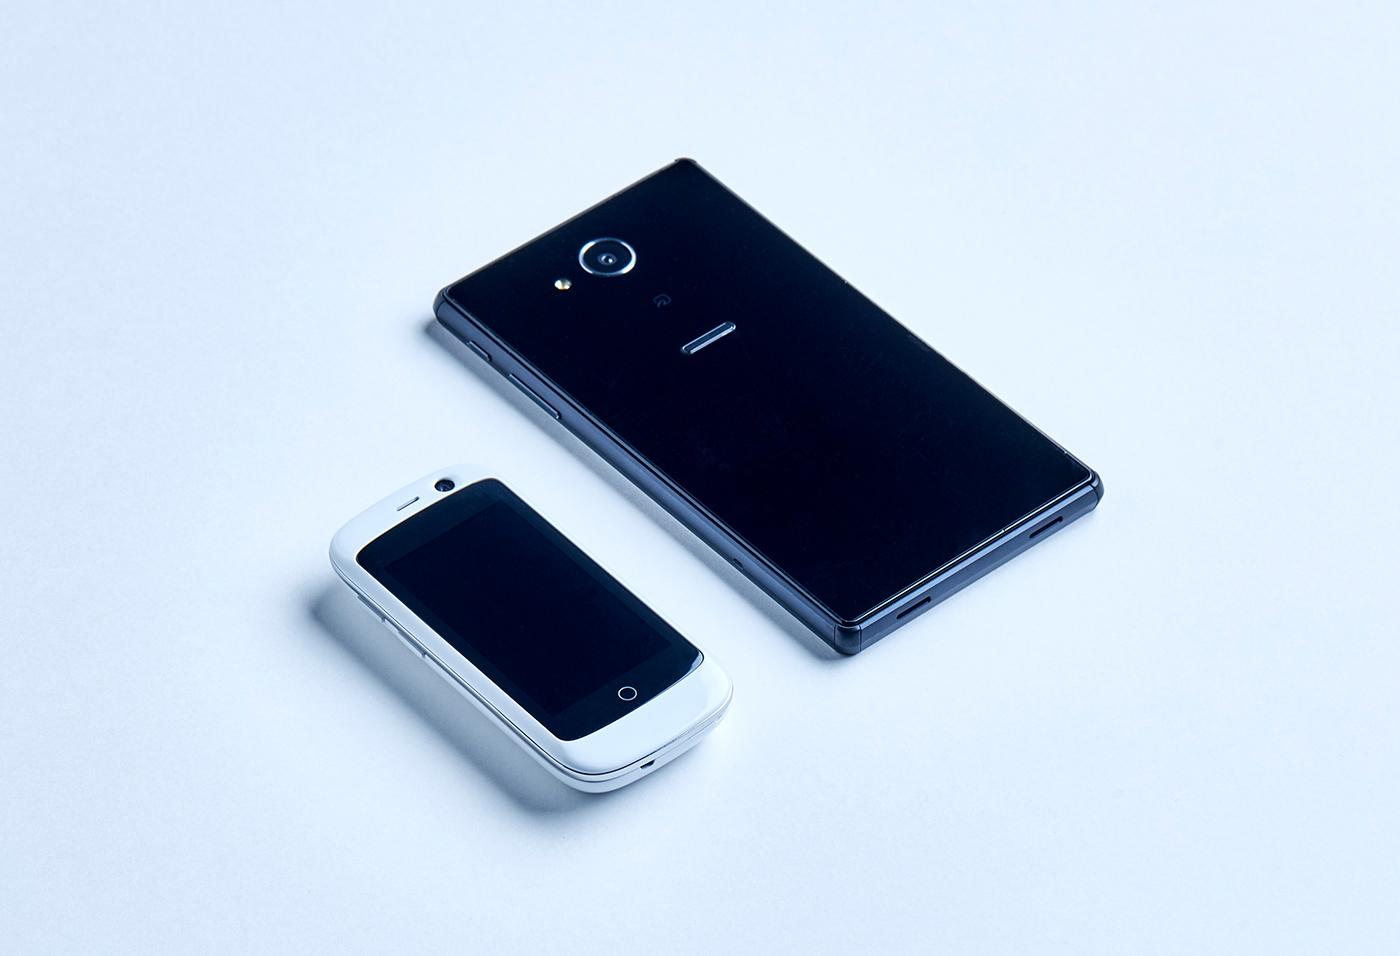 携帯電話ネットワーク(LTE)を利用した通信